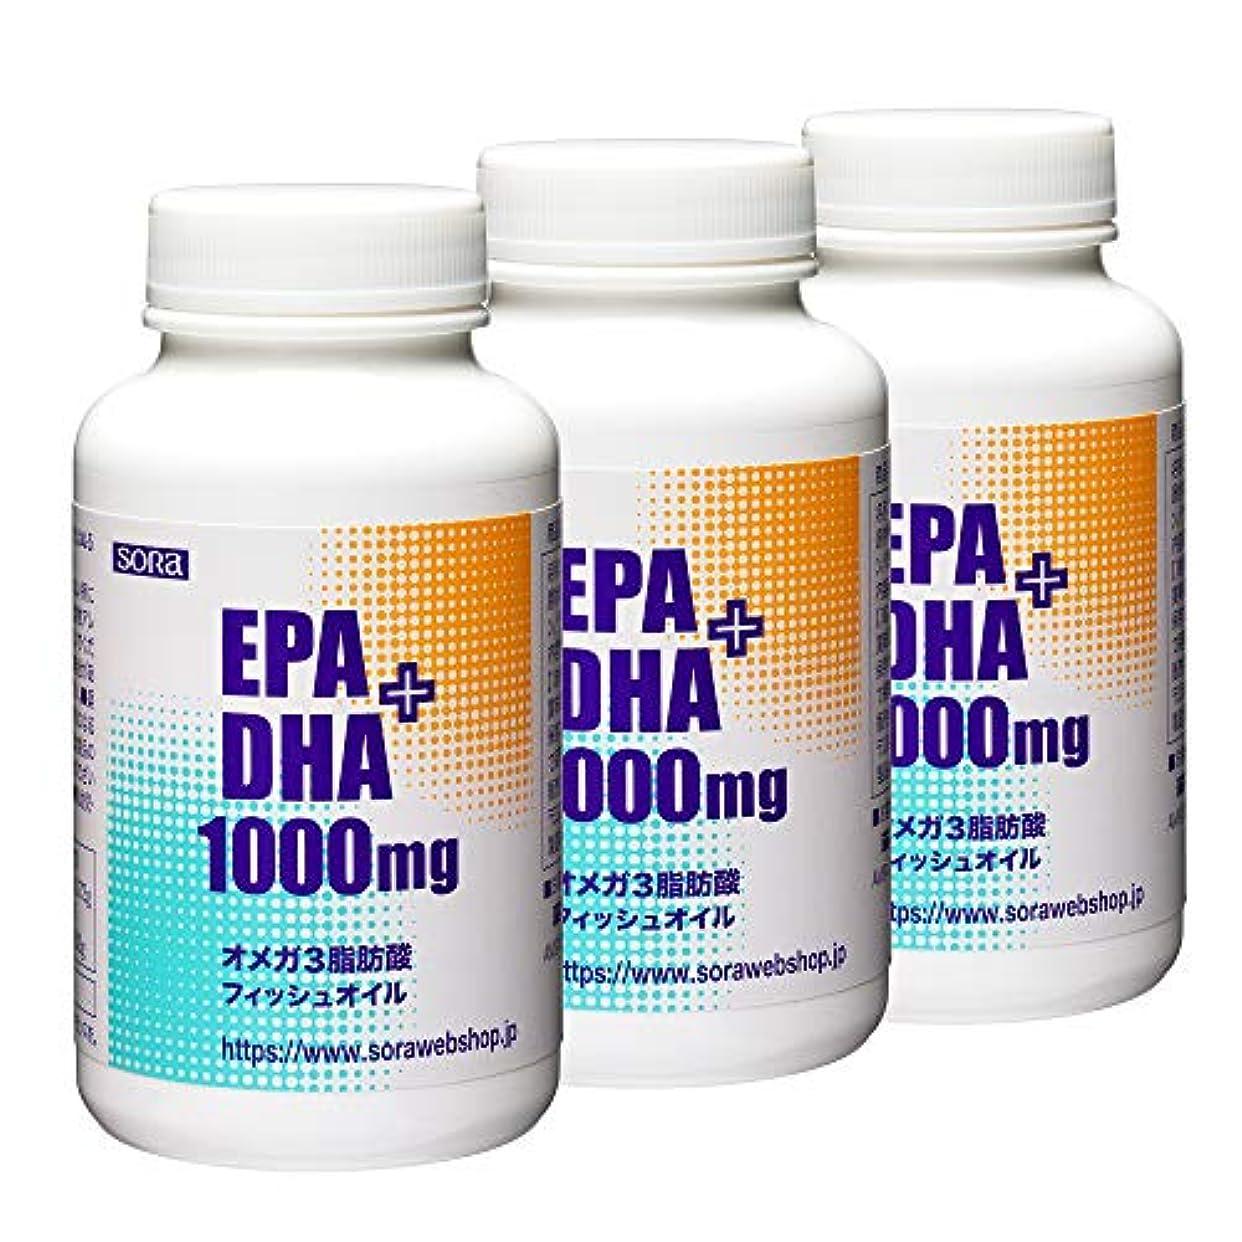 骨驚かす振る舞い【まとめ買い】そら EPA+DHA 1000mg (魚のオイル オメガ3) 【180粒入 × 3本セット】[5% OFF]